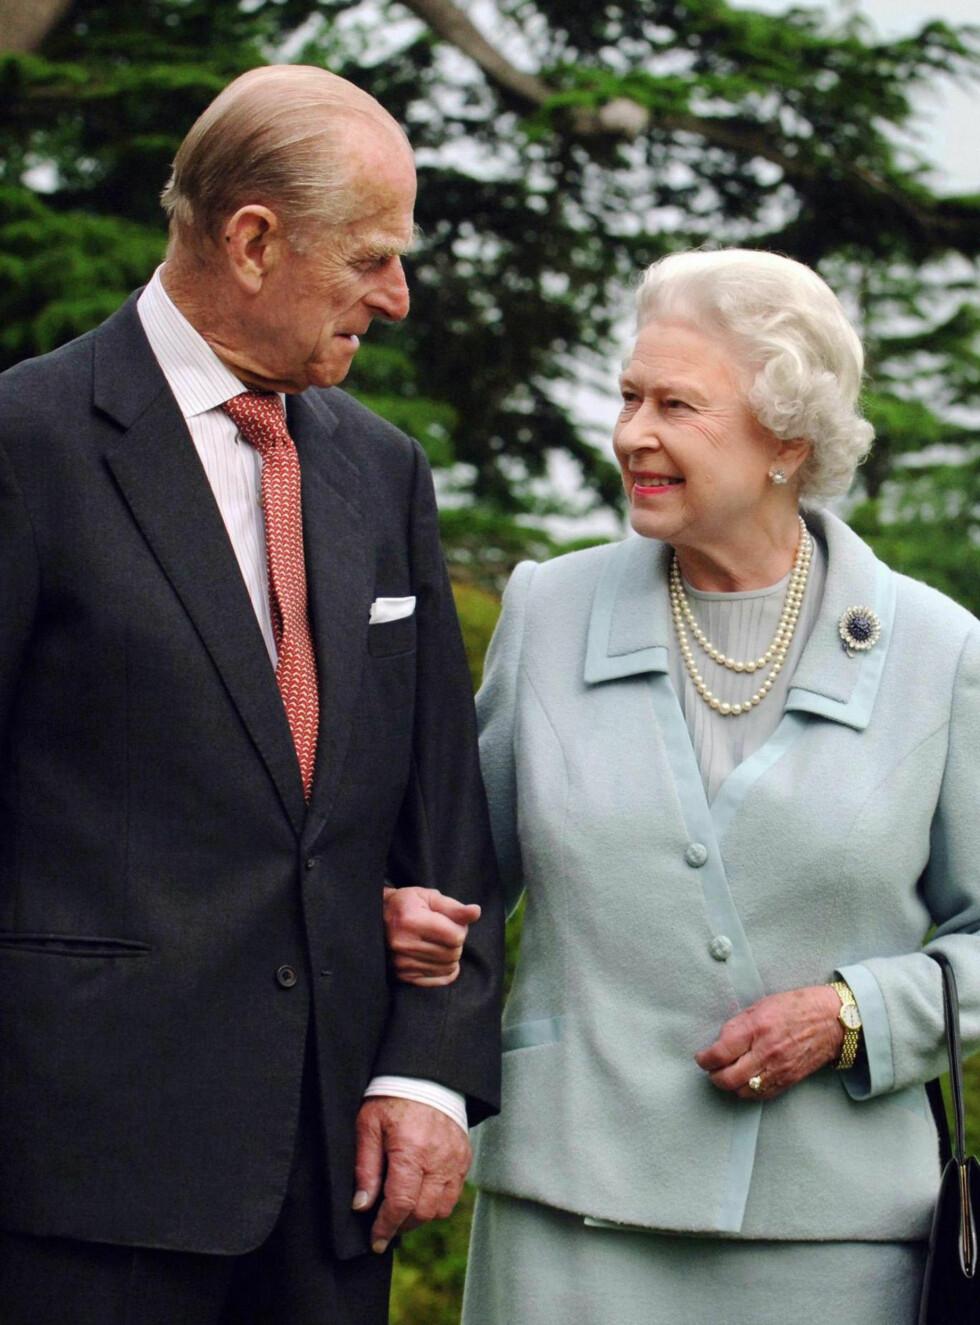 GIFT I 70 ÅR: Dronning Elizabeth og prins Philip har levd et langt og godt liv, og har i år vært gift i hele 70 år. Dette bildet ble tatt i forbindelse med diamantbryllupet i 2007. Foto: NTB Scanpix